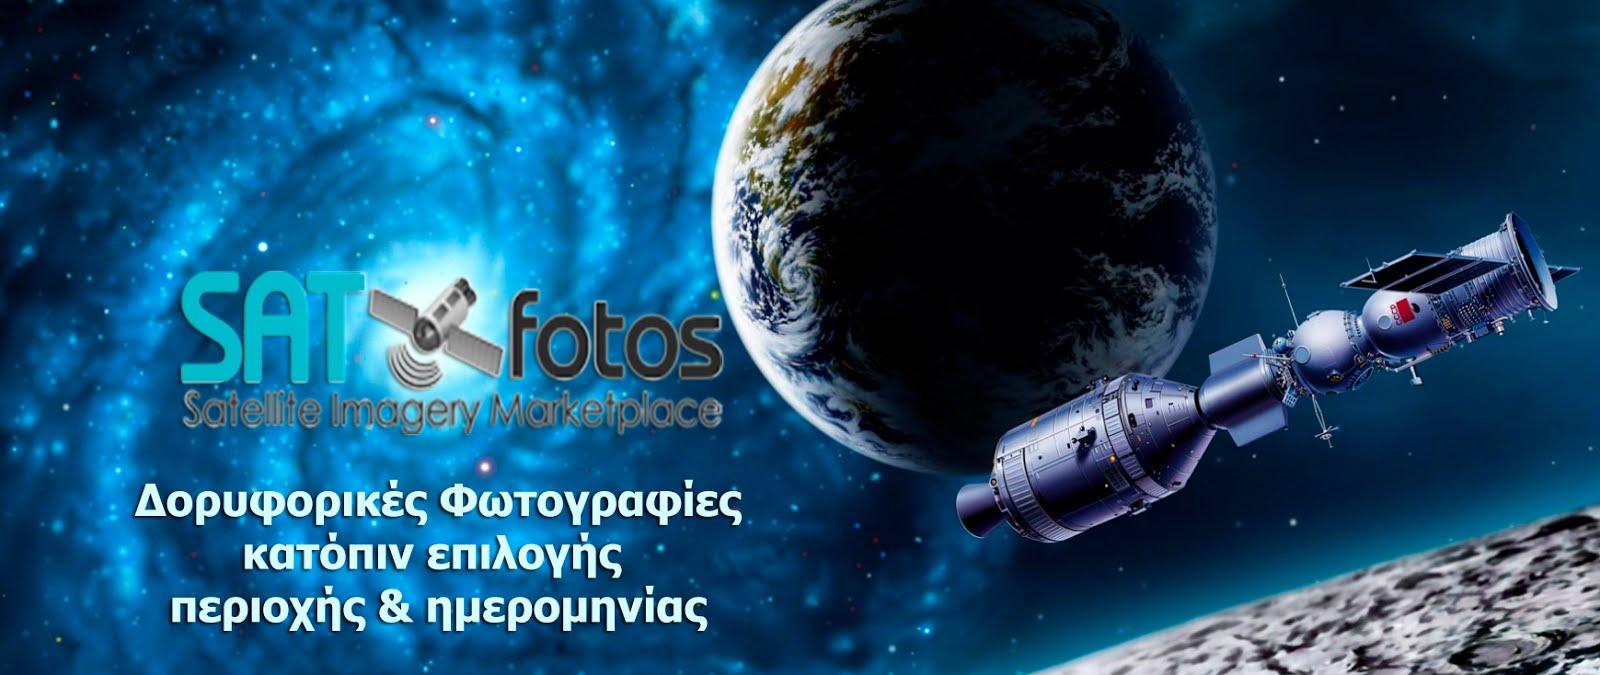 ΔΟΡΥΦΟΡΙΚΕΣ ΦΩΤΟΓΡΑΦΙΕΣ ΚΑΤΟΠΙΝ ΕΠΙΛΟΓΗΣ